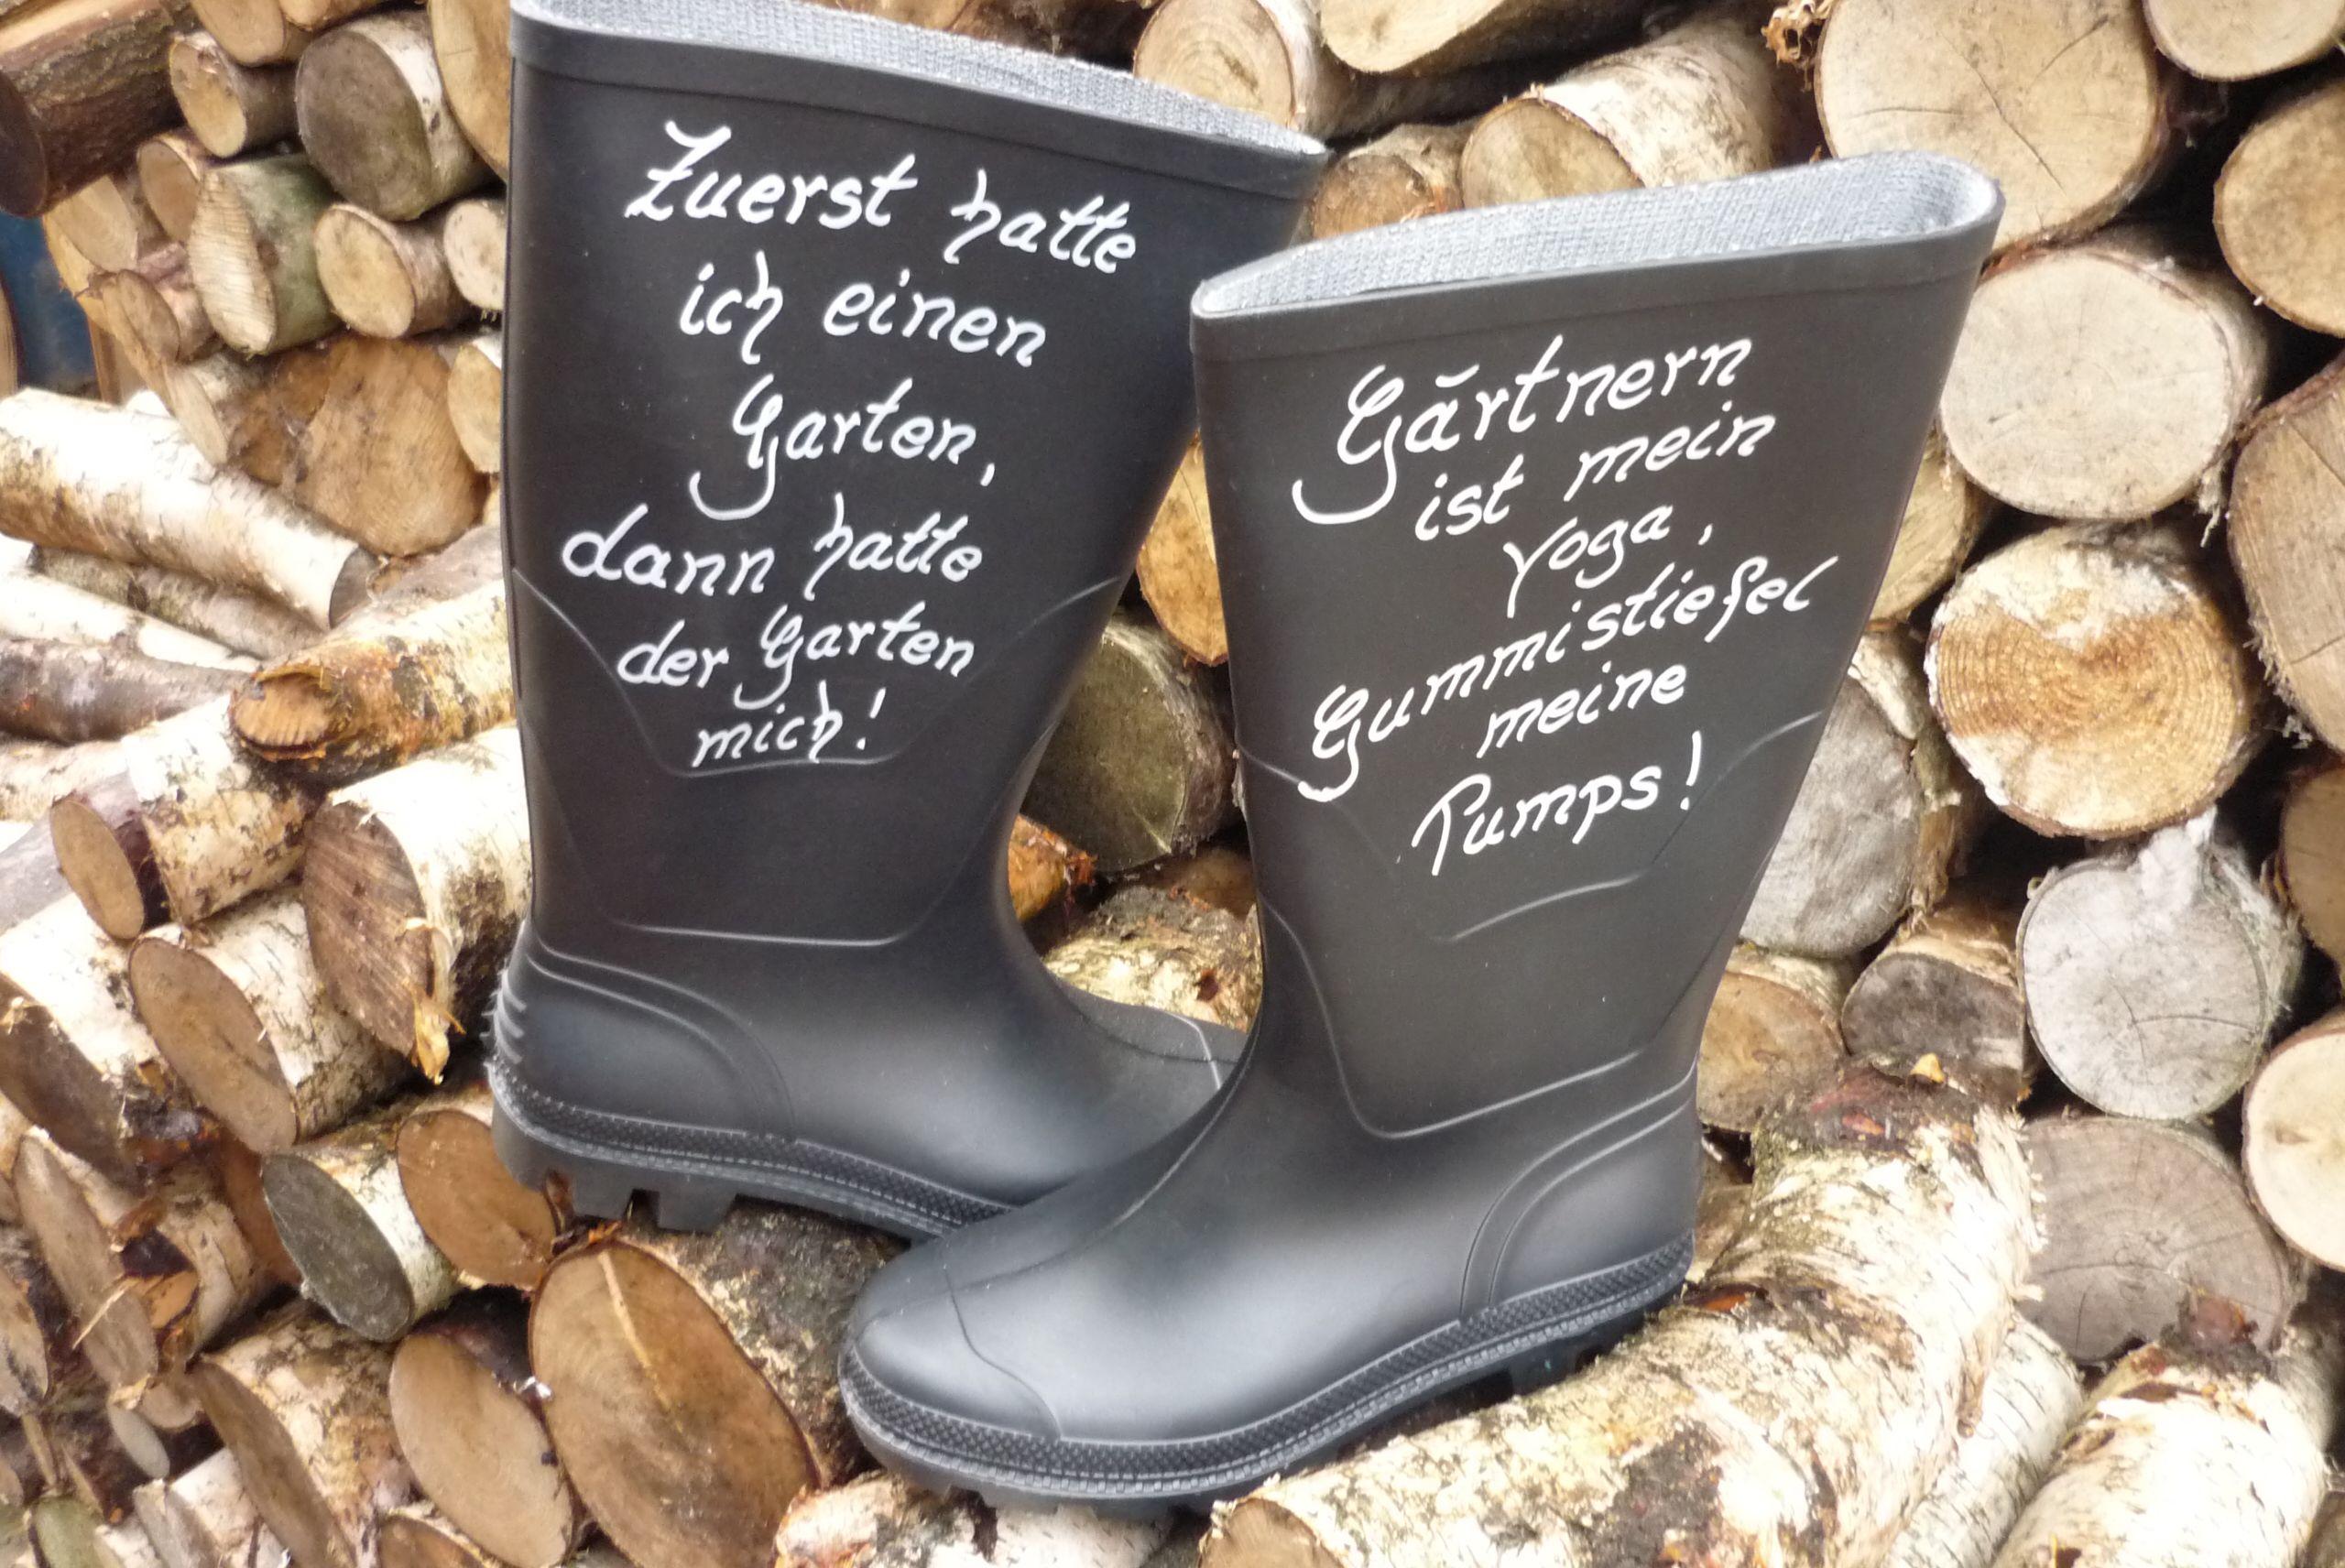 Bildergebnis Alte Schuhe Für Bildergebnis Alte Bildergebnis Schuhe Für GartensprücheGarten Für GartensprücheGarten RAjS35qc4L